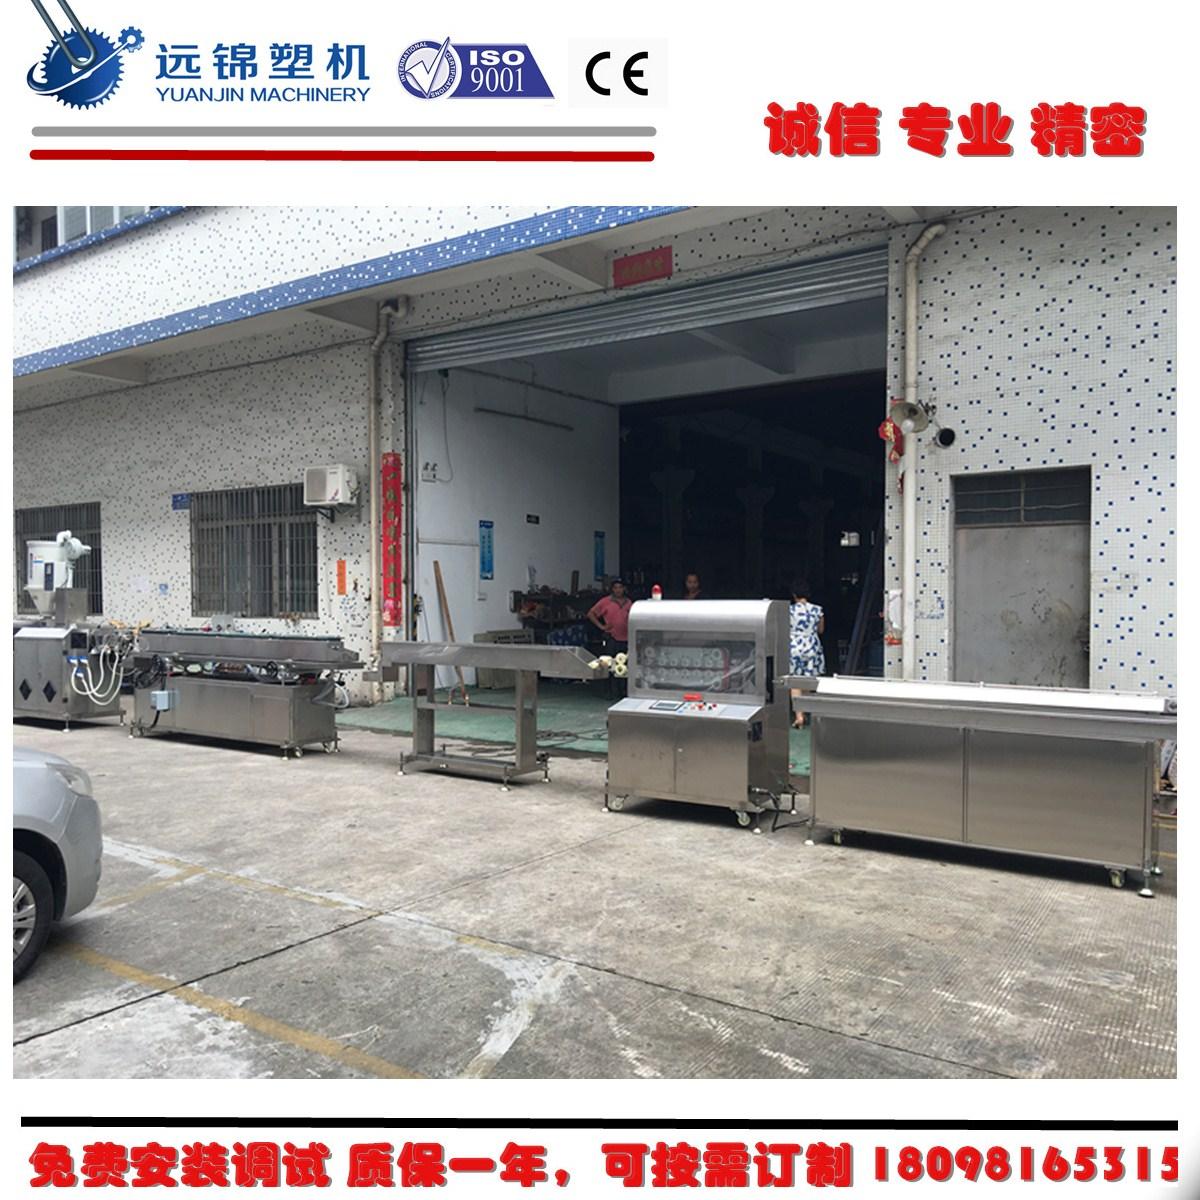 双层避光输液管挤出机/PVC PU医用导管生产线